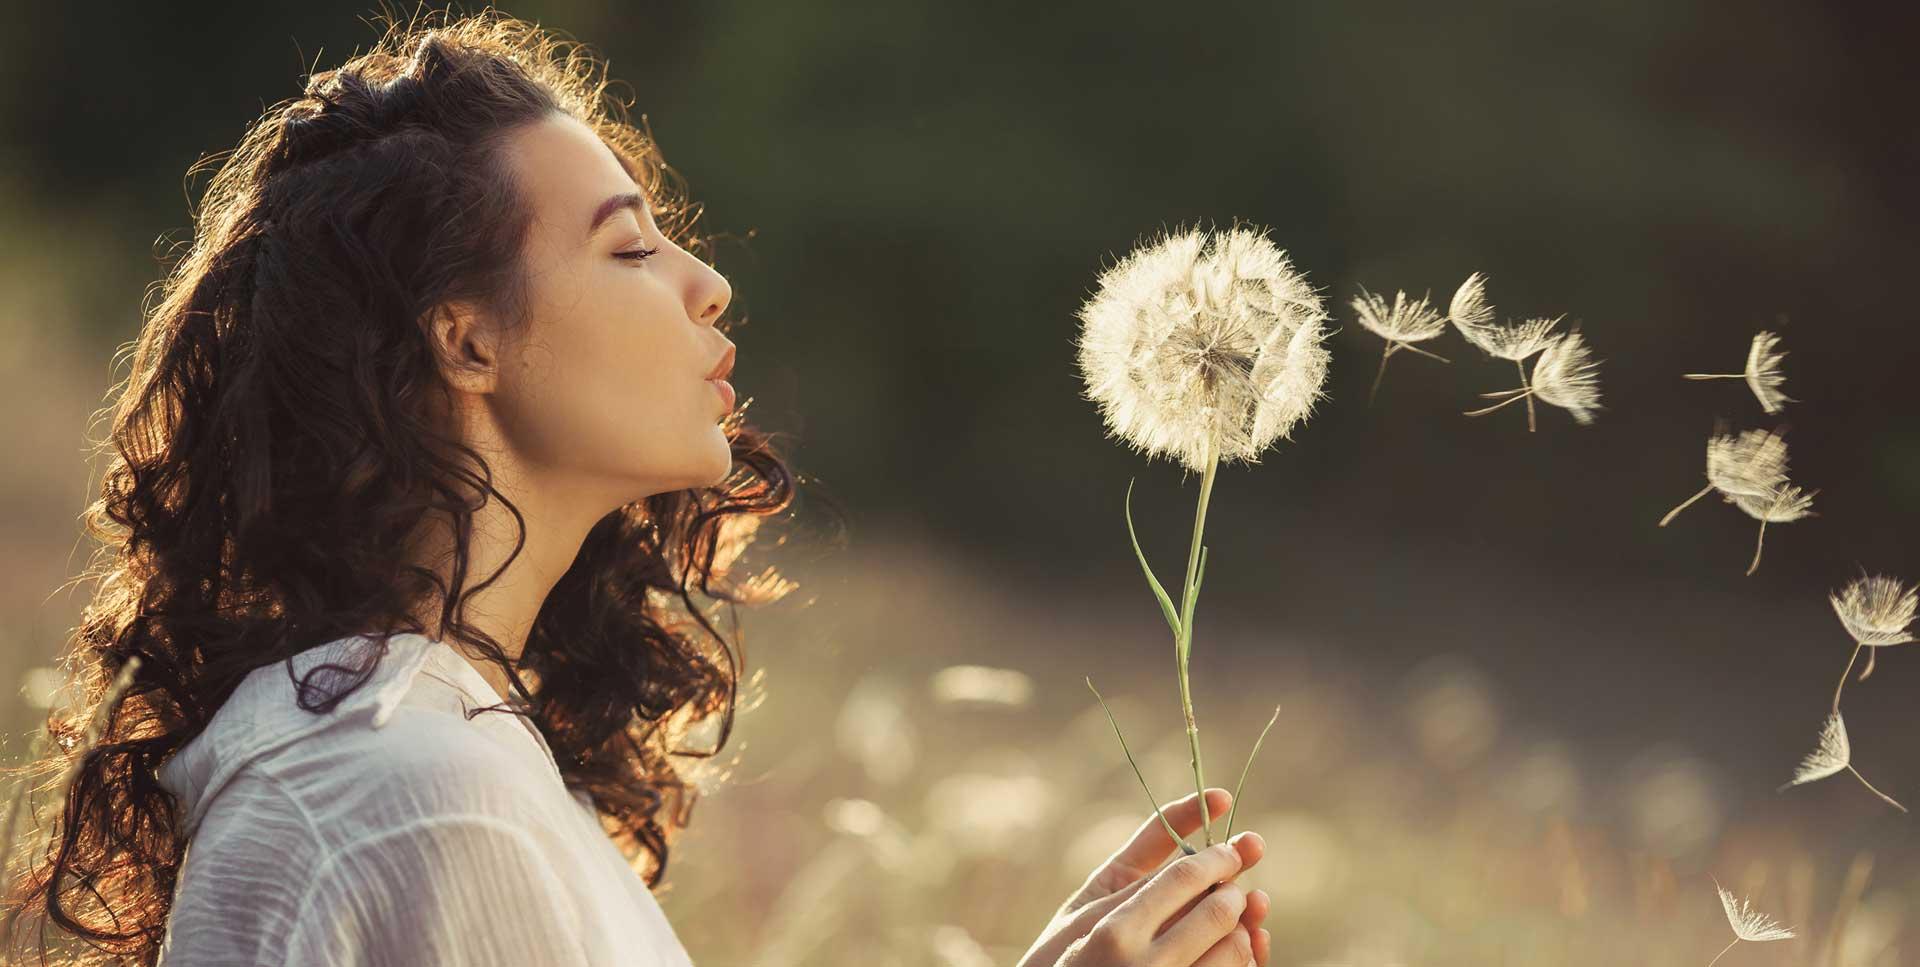 החיים עצמם | הכתובת למי שמבקשים לחיות מחדש רגעים מעברם